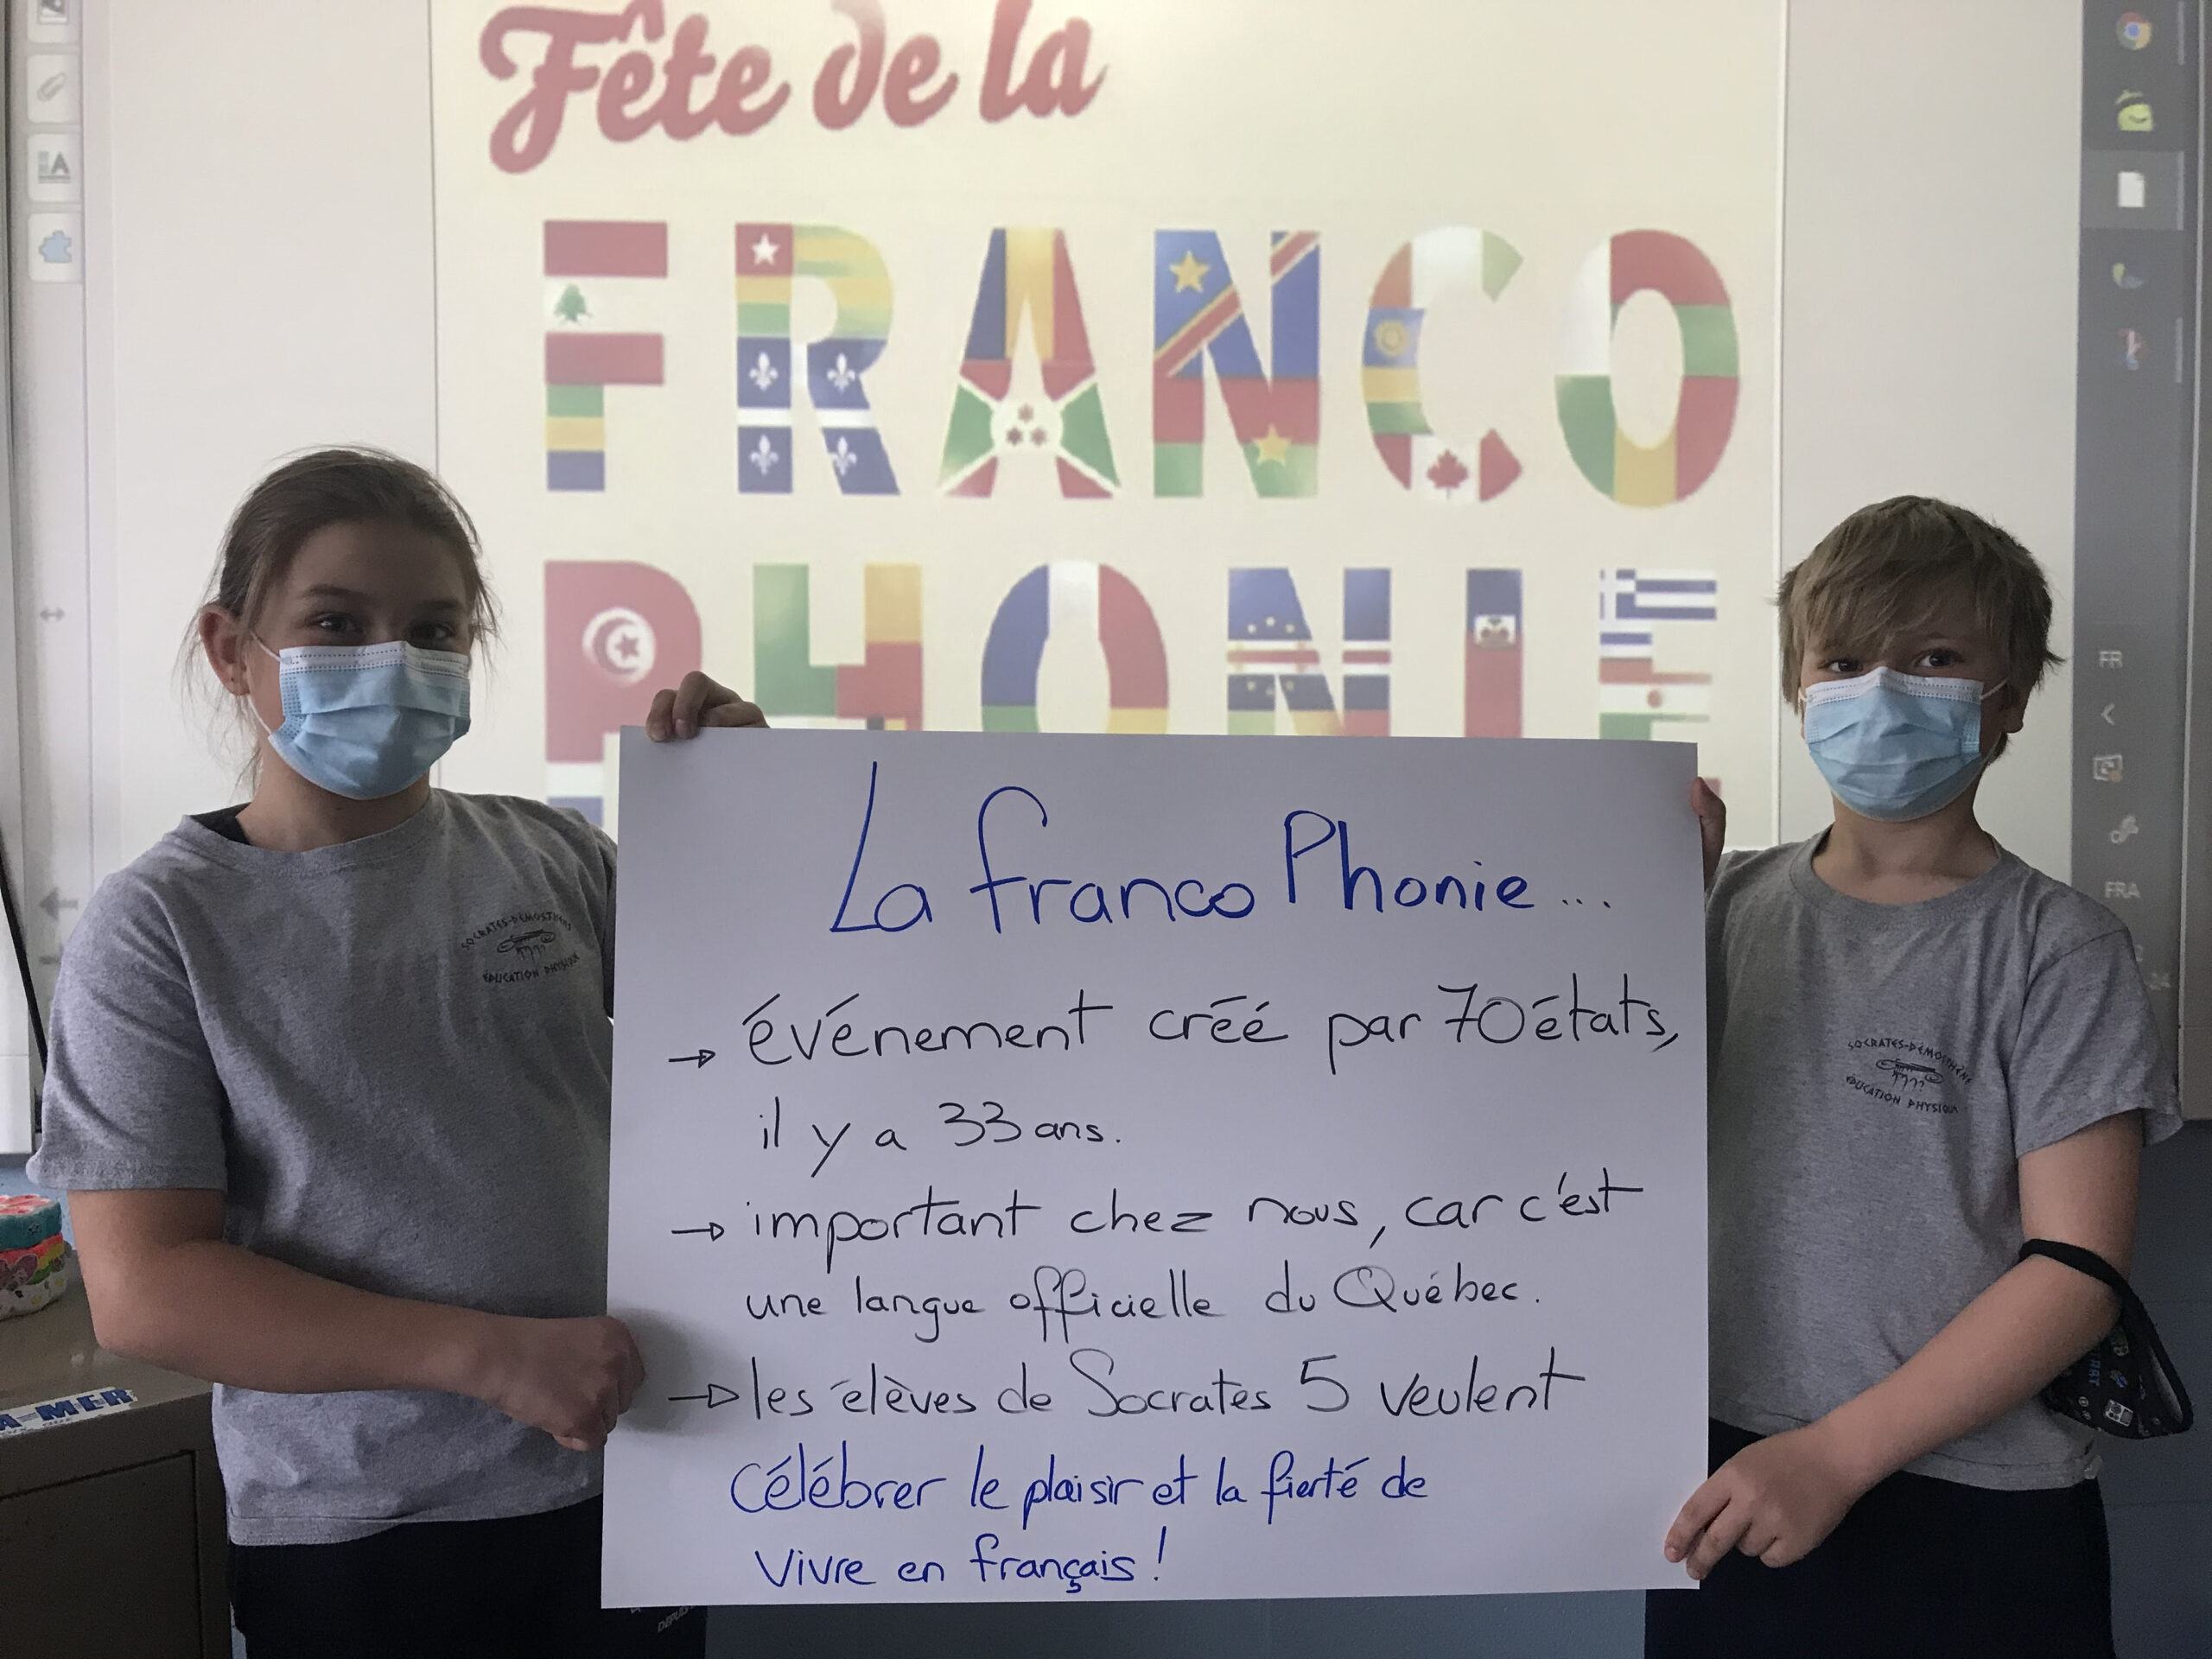 Socrates V celebrates La Francophonie